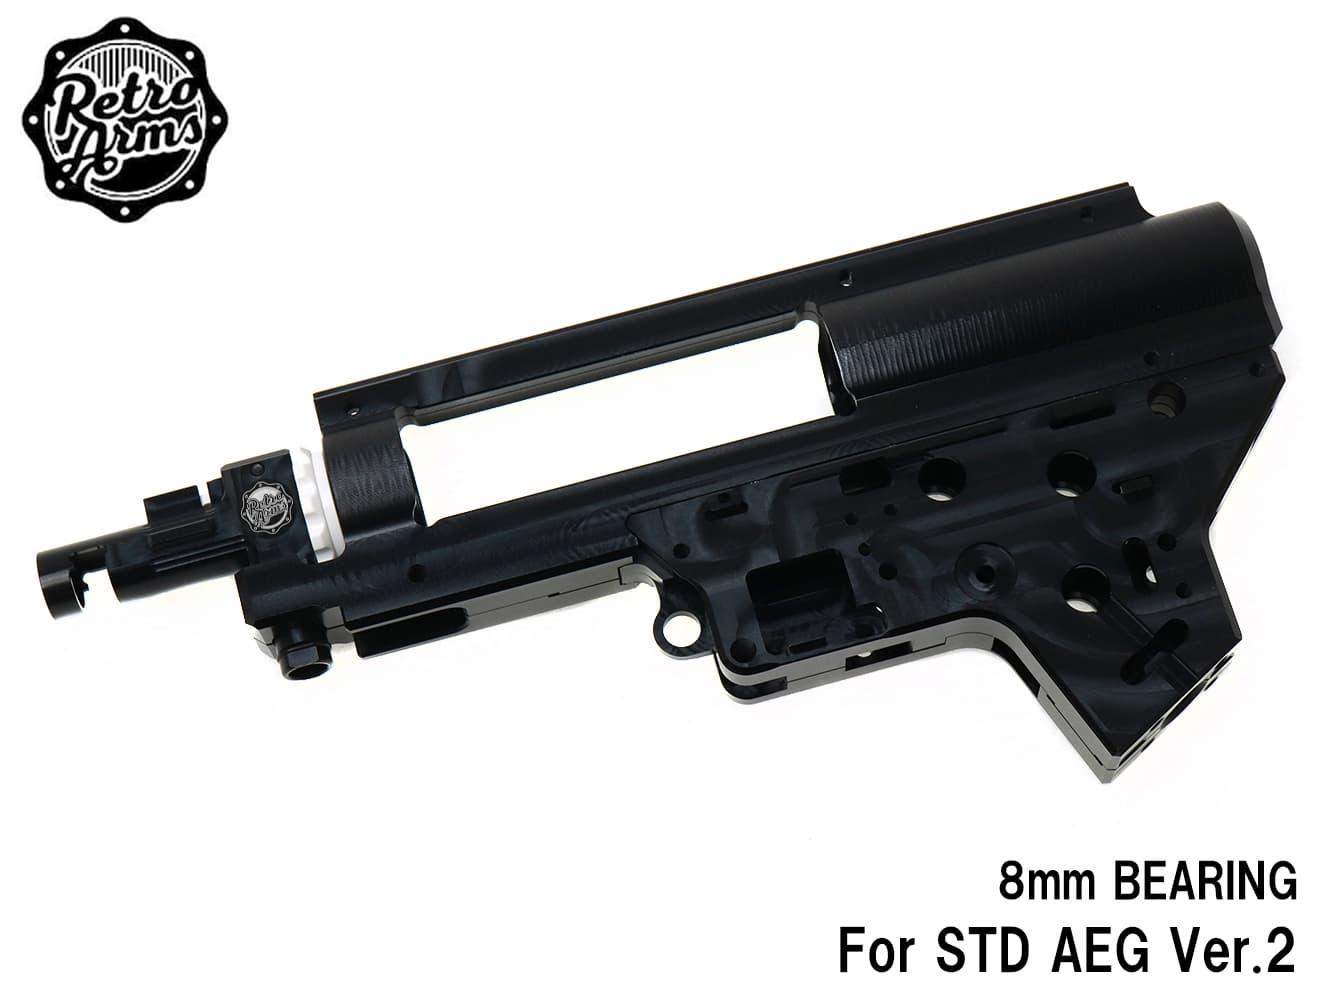 【送料無料】RETRO ARMS CNC スプリットギアボックスVer.2 チャンバーセット 8mm仕様◆メカボックス/分離式/一体型/スタンダード電動ガン